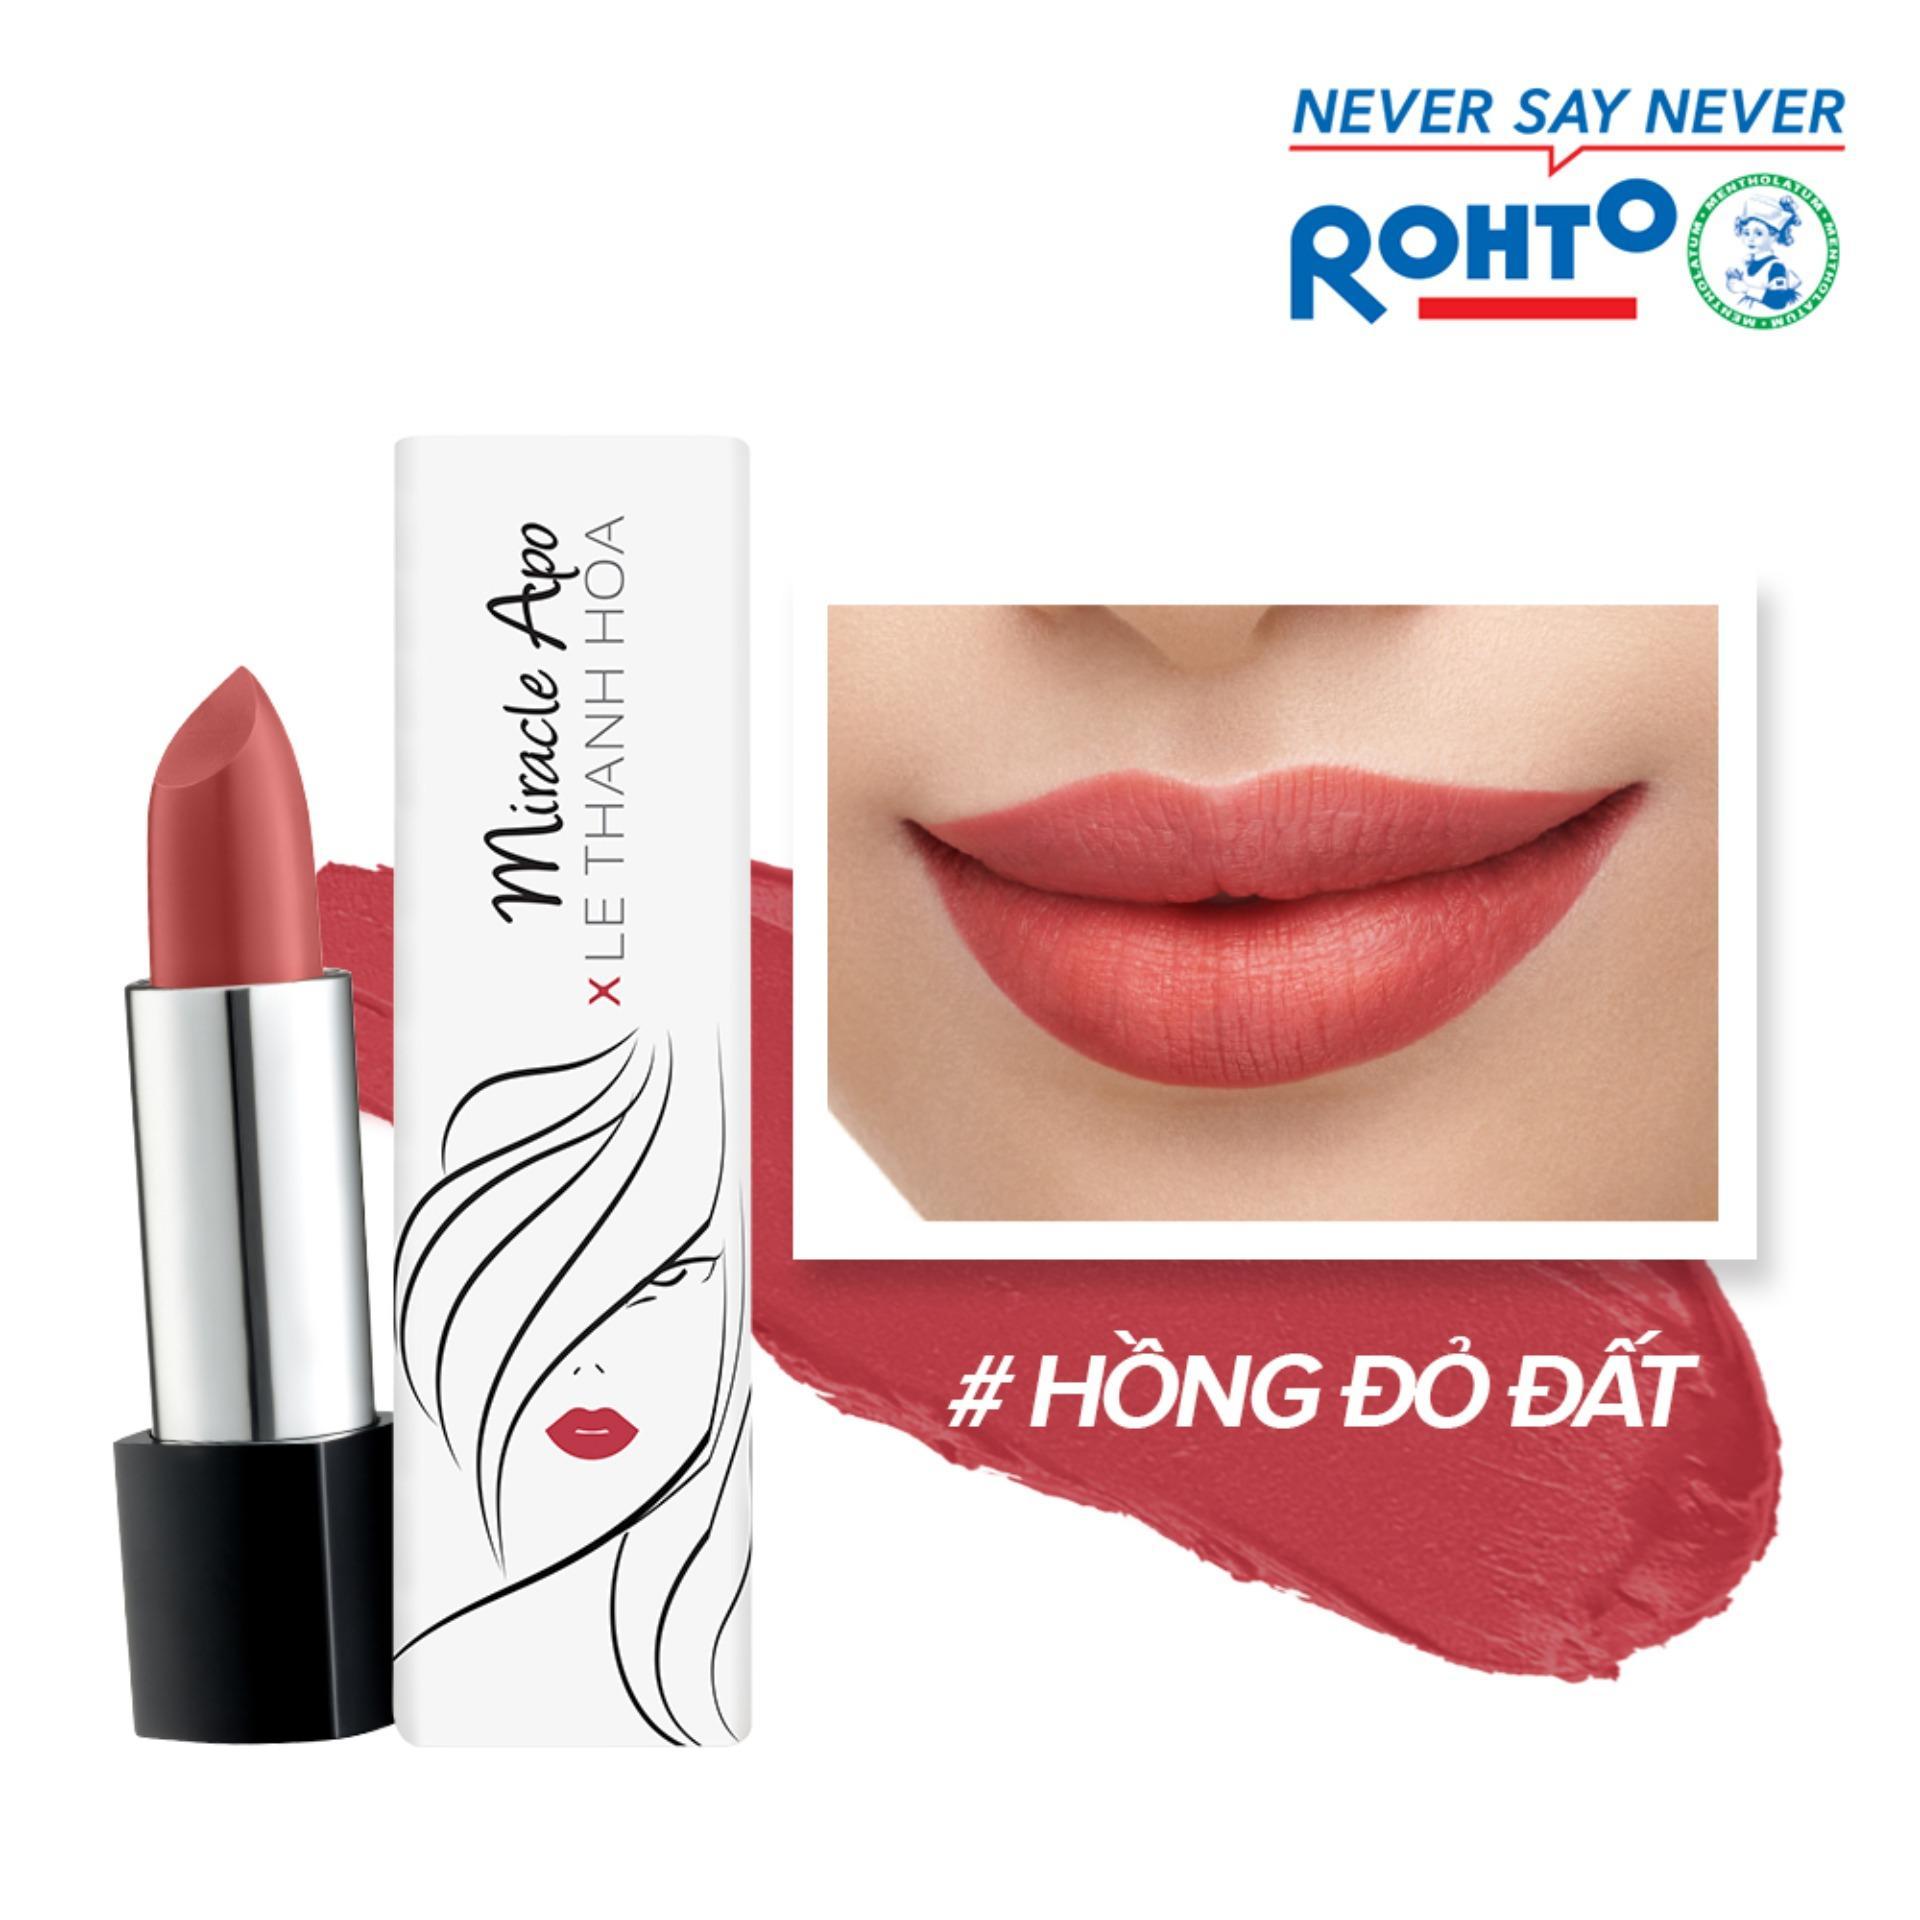 Son lì Miracle Apo Lipstick Matte x Lê Thanh Hòa Cosmopolitan 4g (Hồng đỏ đất)